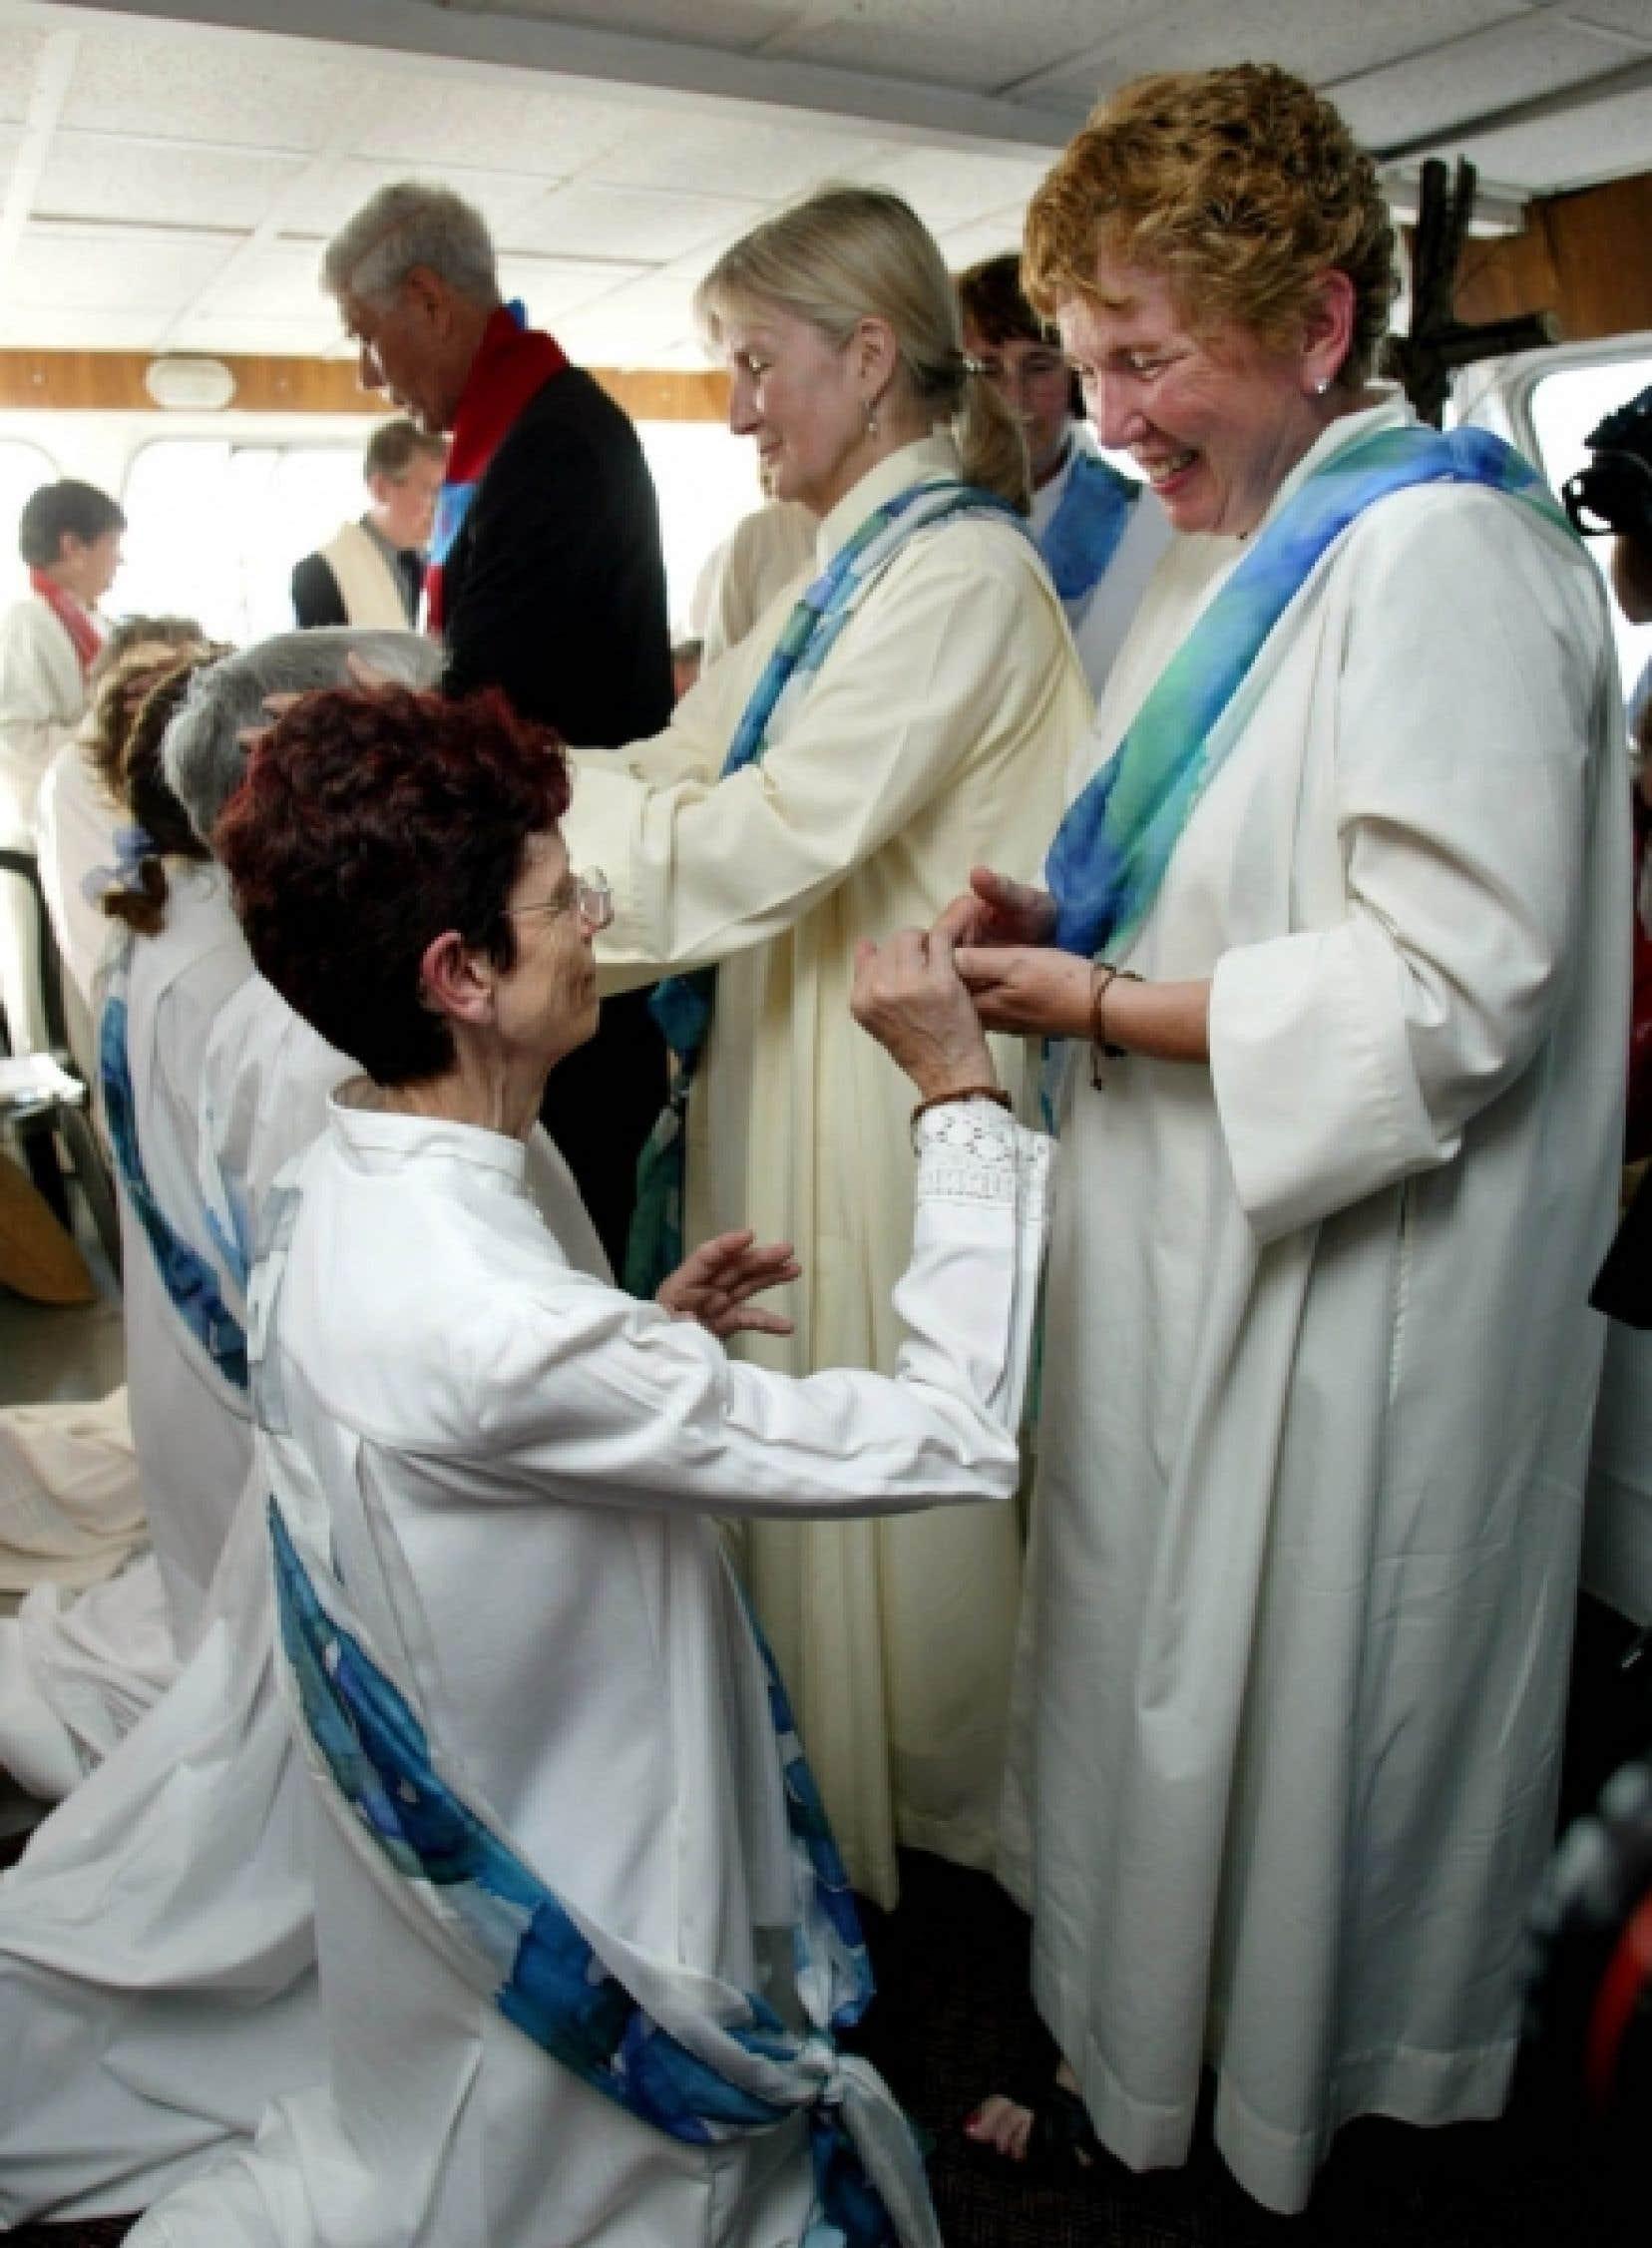 Michele Birch-Conery (à gauche) a été parmi les premières Canadiennes a avoir été ordonnées. Elle avait reçu ce sacrement en 2005 à bord d'un bateau dans les eaux internationales du golfe du Saint-Laurent.<br />